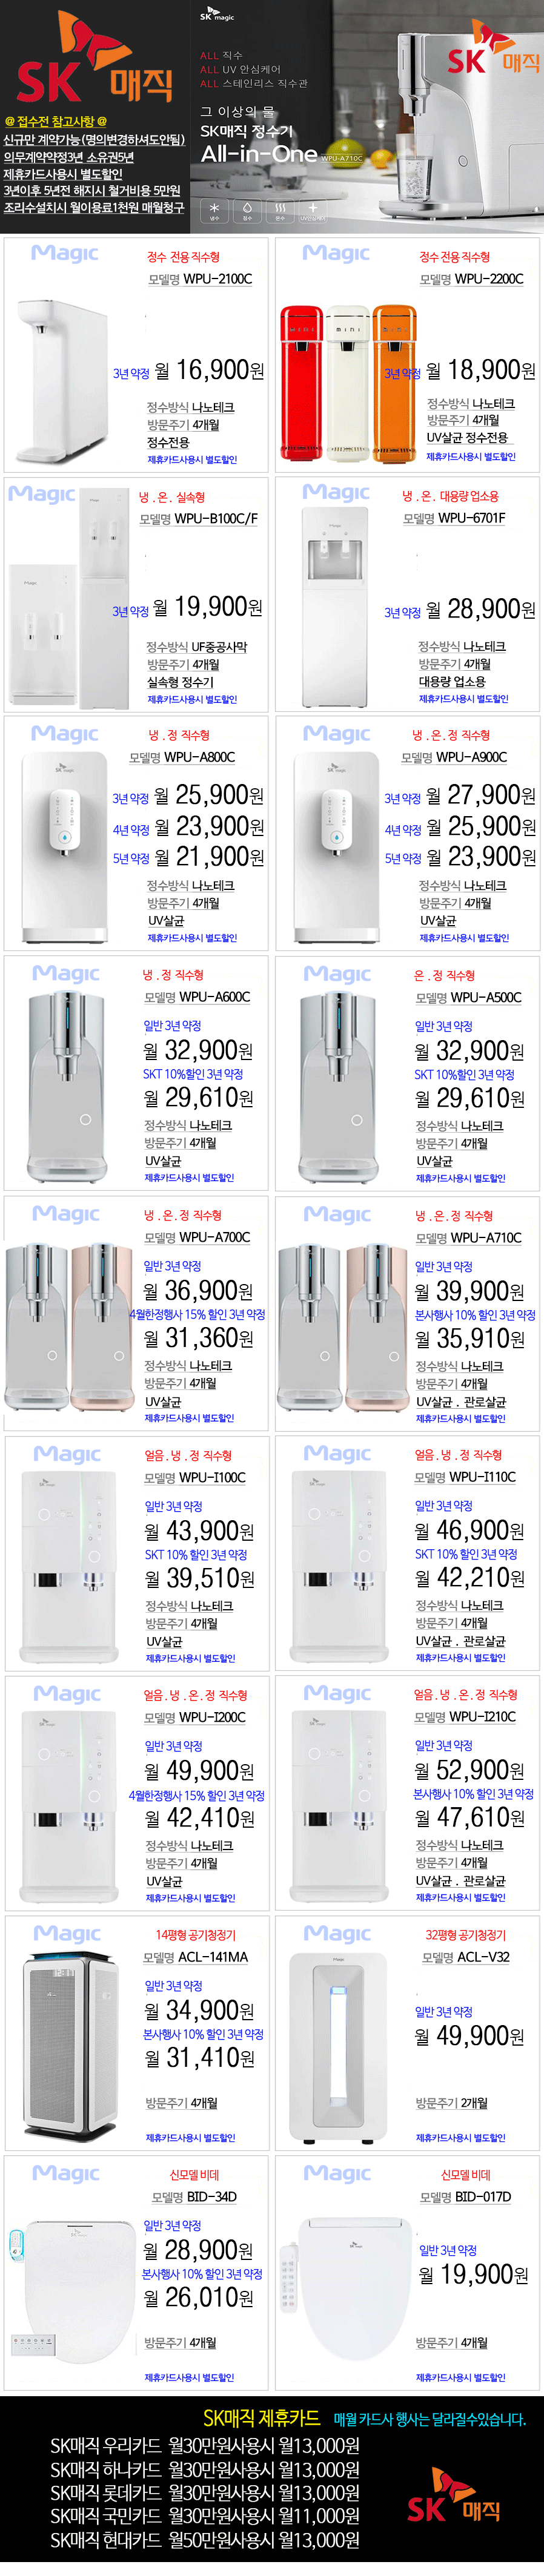 SK매직전체-작업중.png